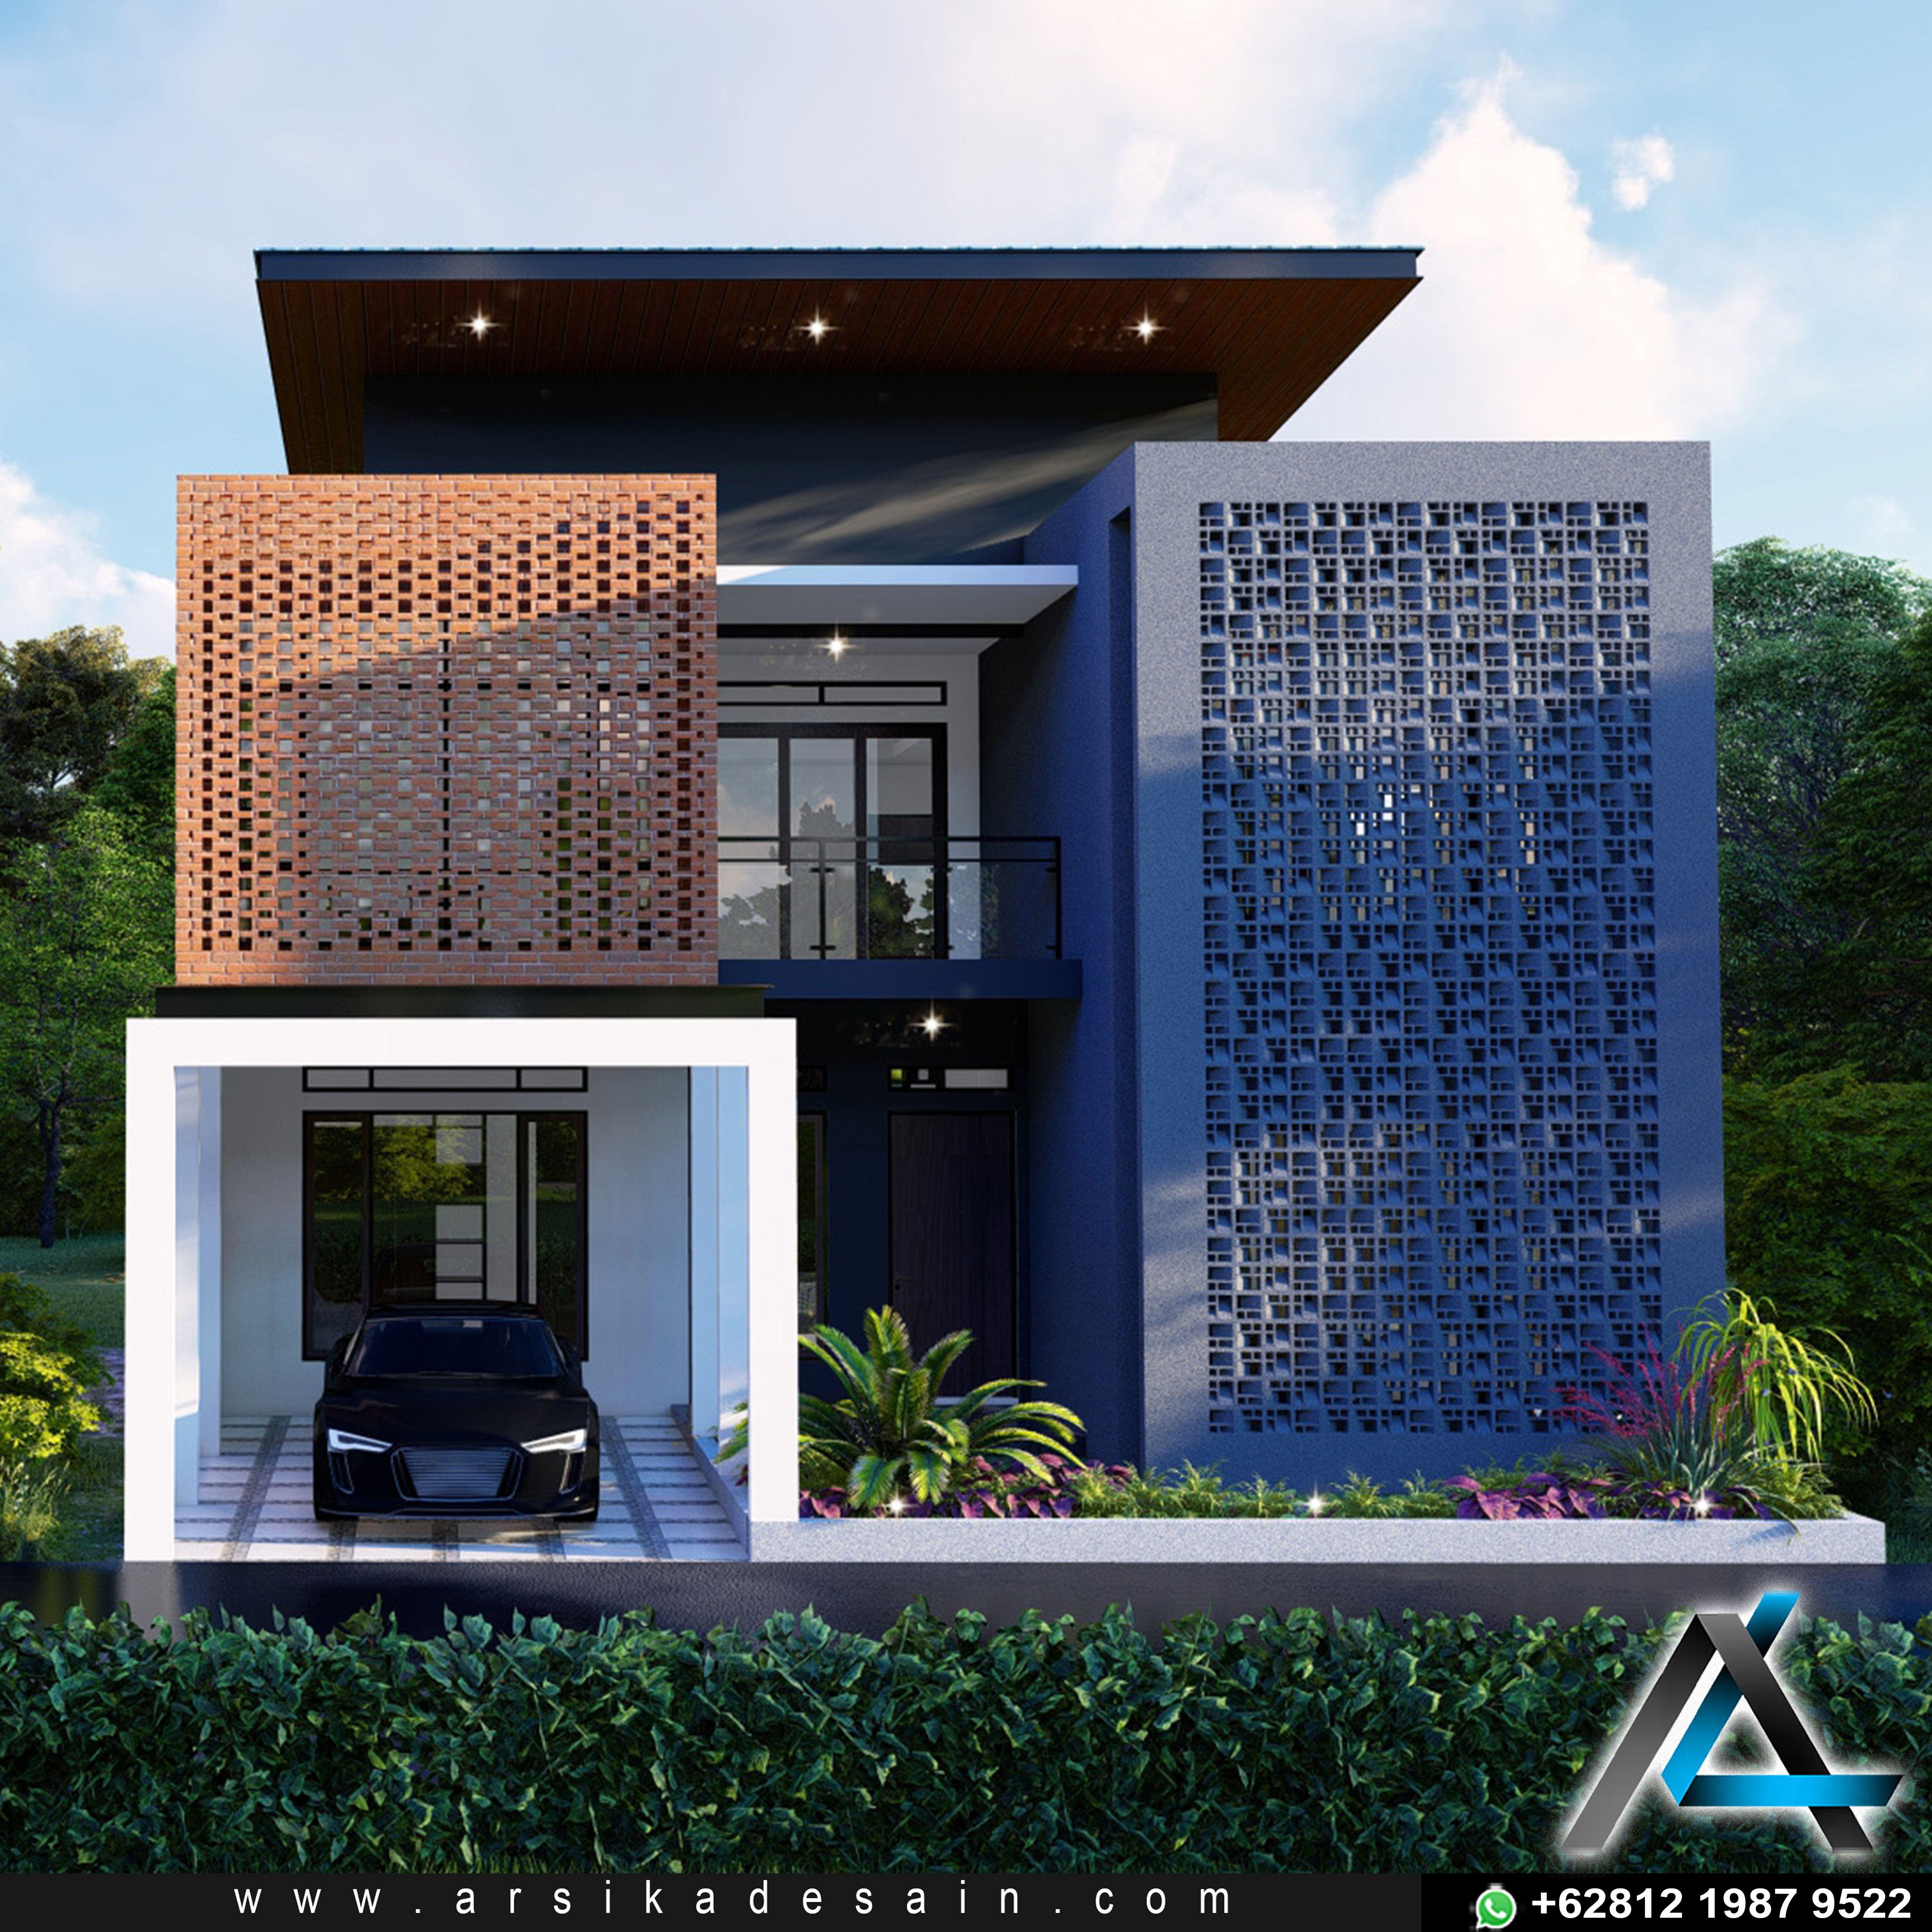 Desain Eksterior Rumah Industrial Cek Bahan Bangunan